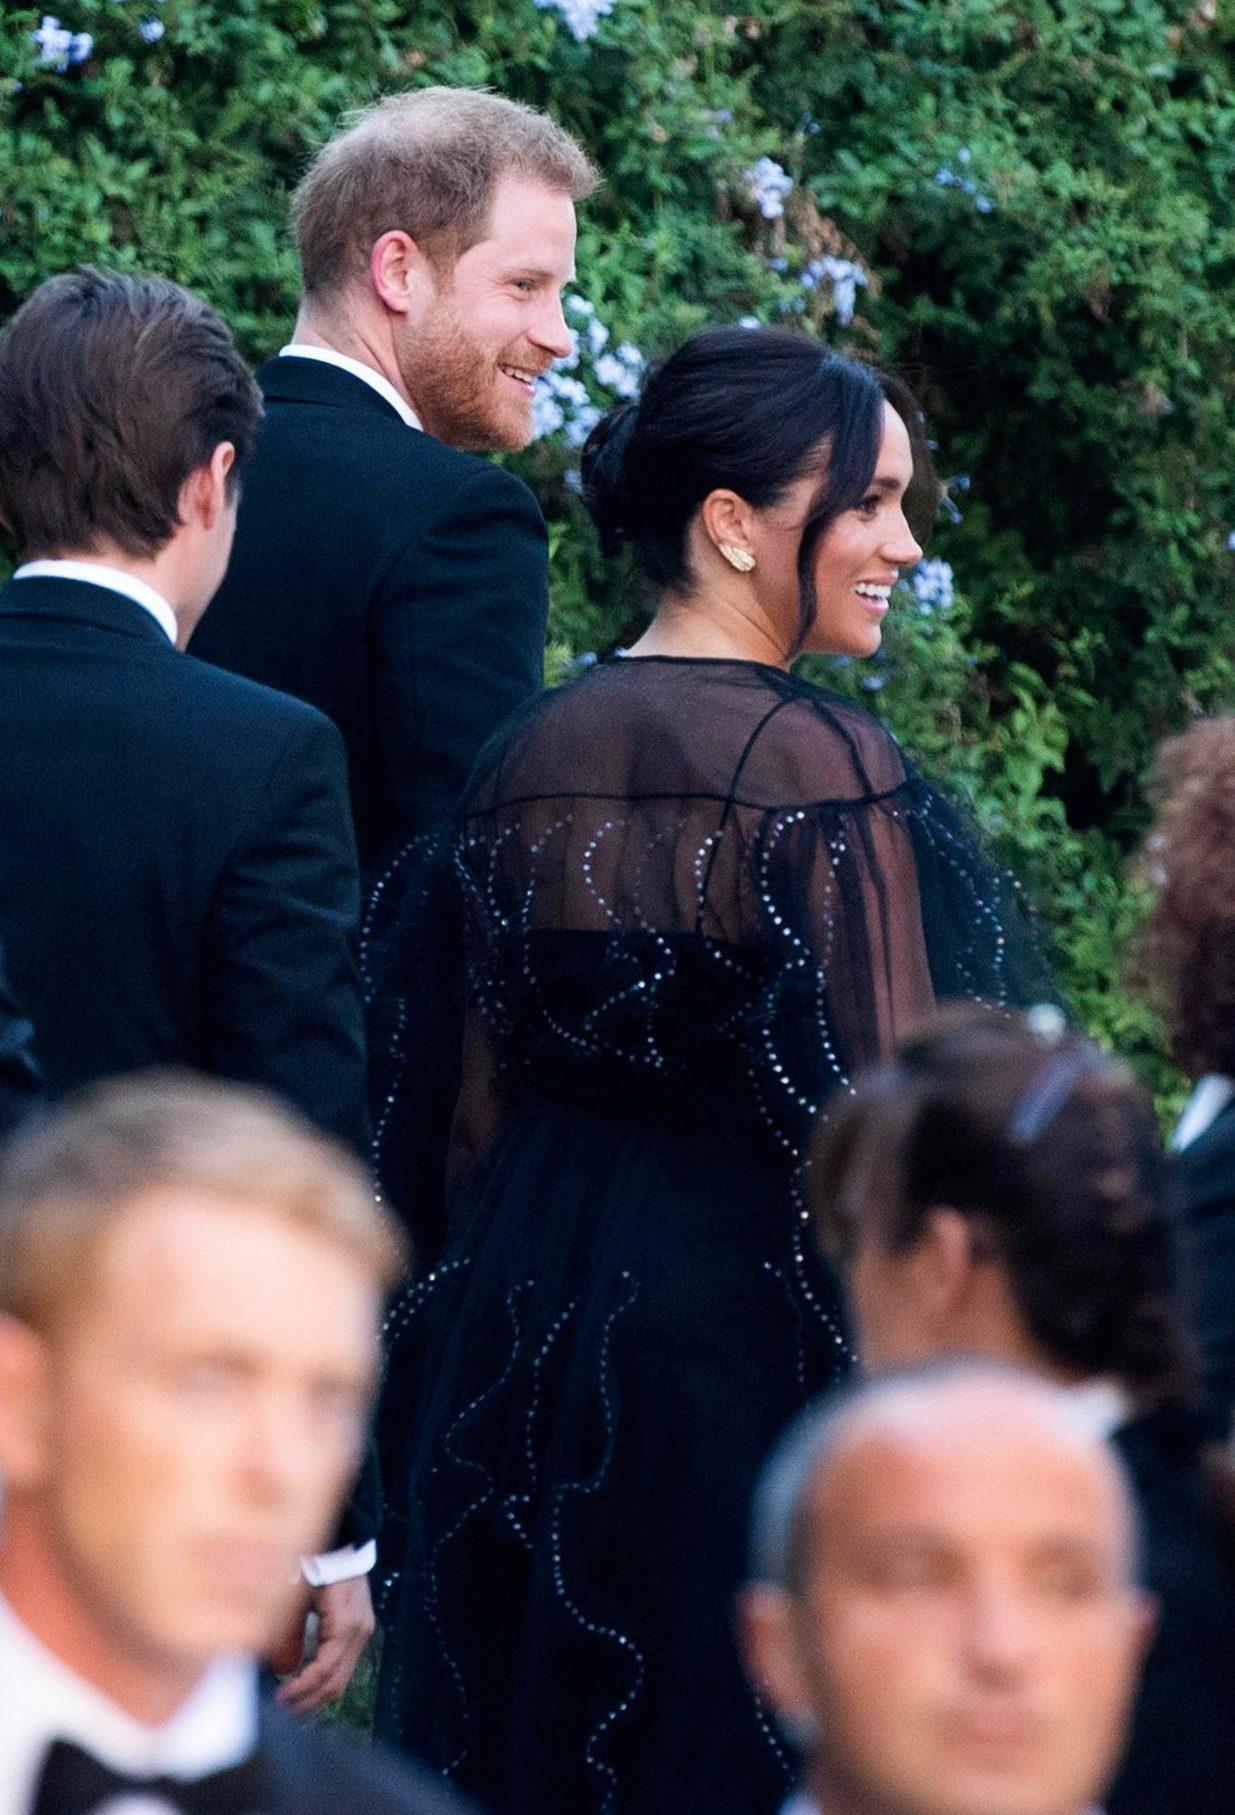 Lên đồ đi đám cưới, Kate Middleton tinh tế - Meghan Markle phản cảm khi hết lộ nội y đến vô duyên lấn át cô dâu - Ảnh 6.